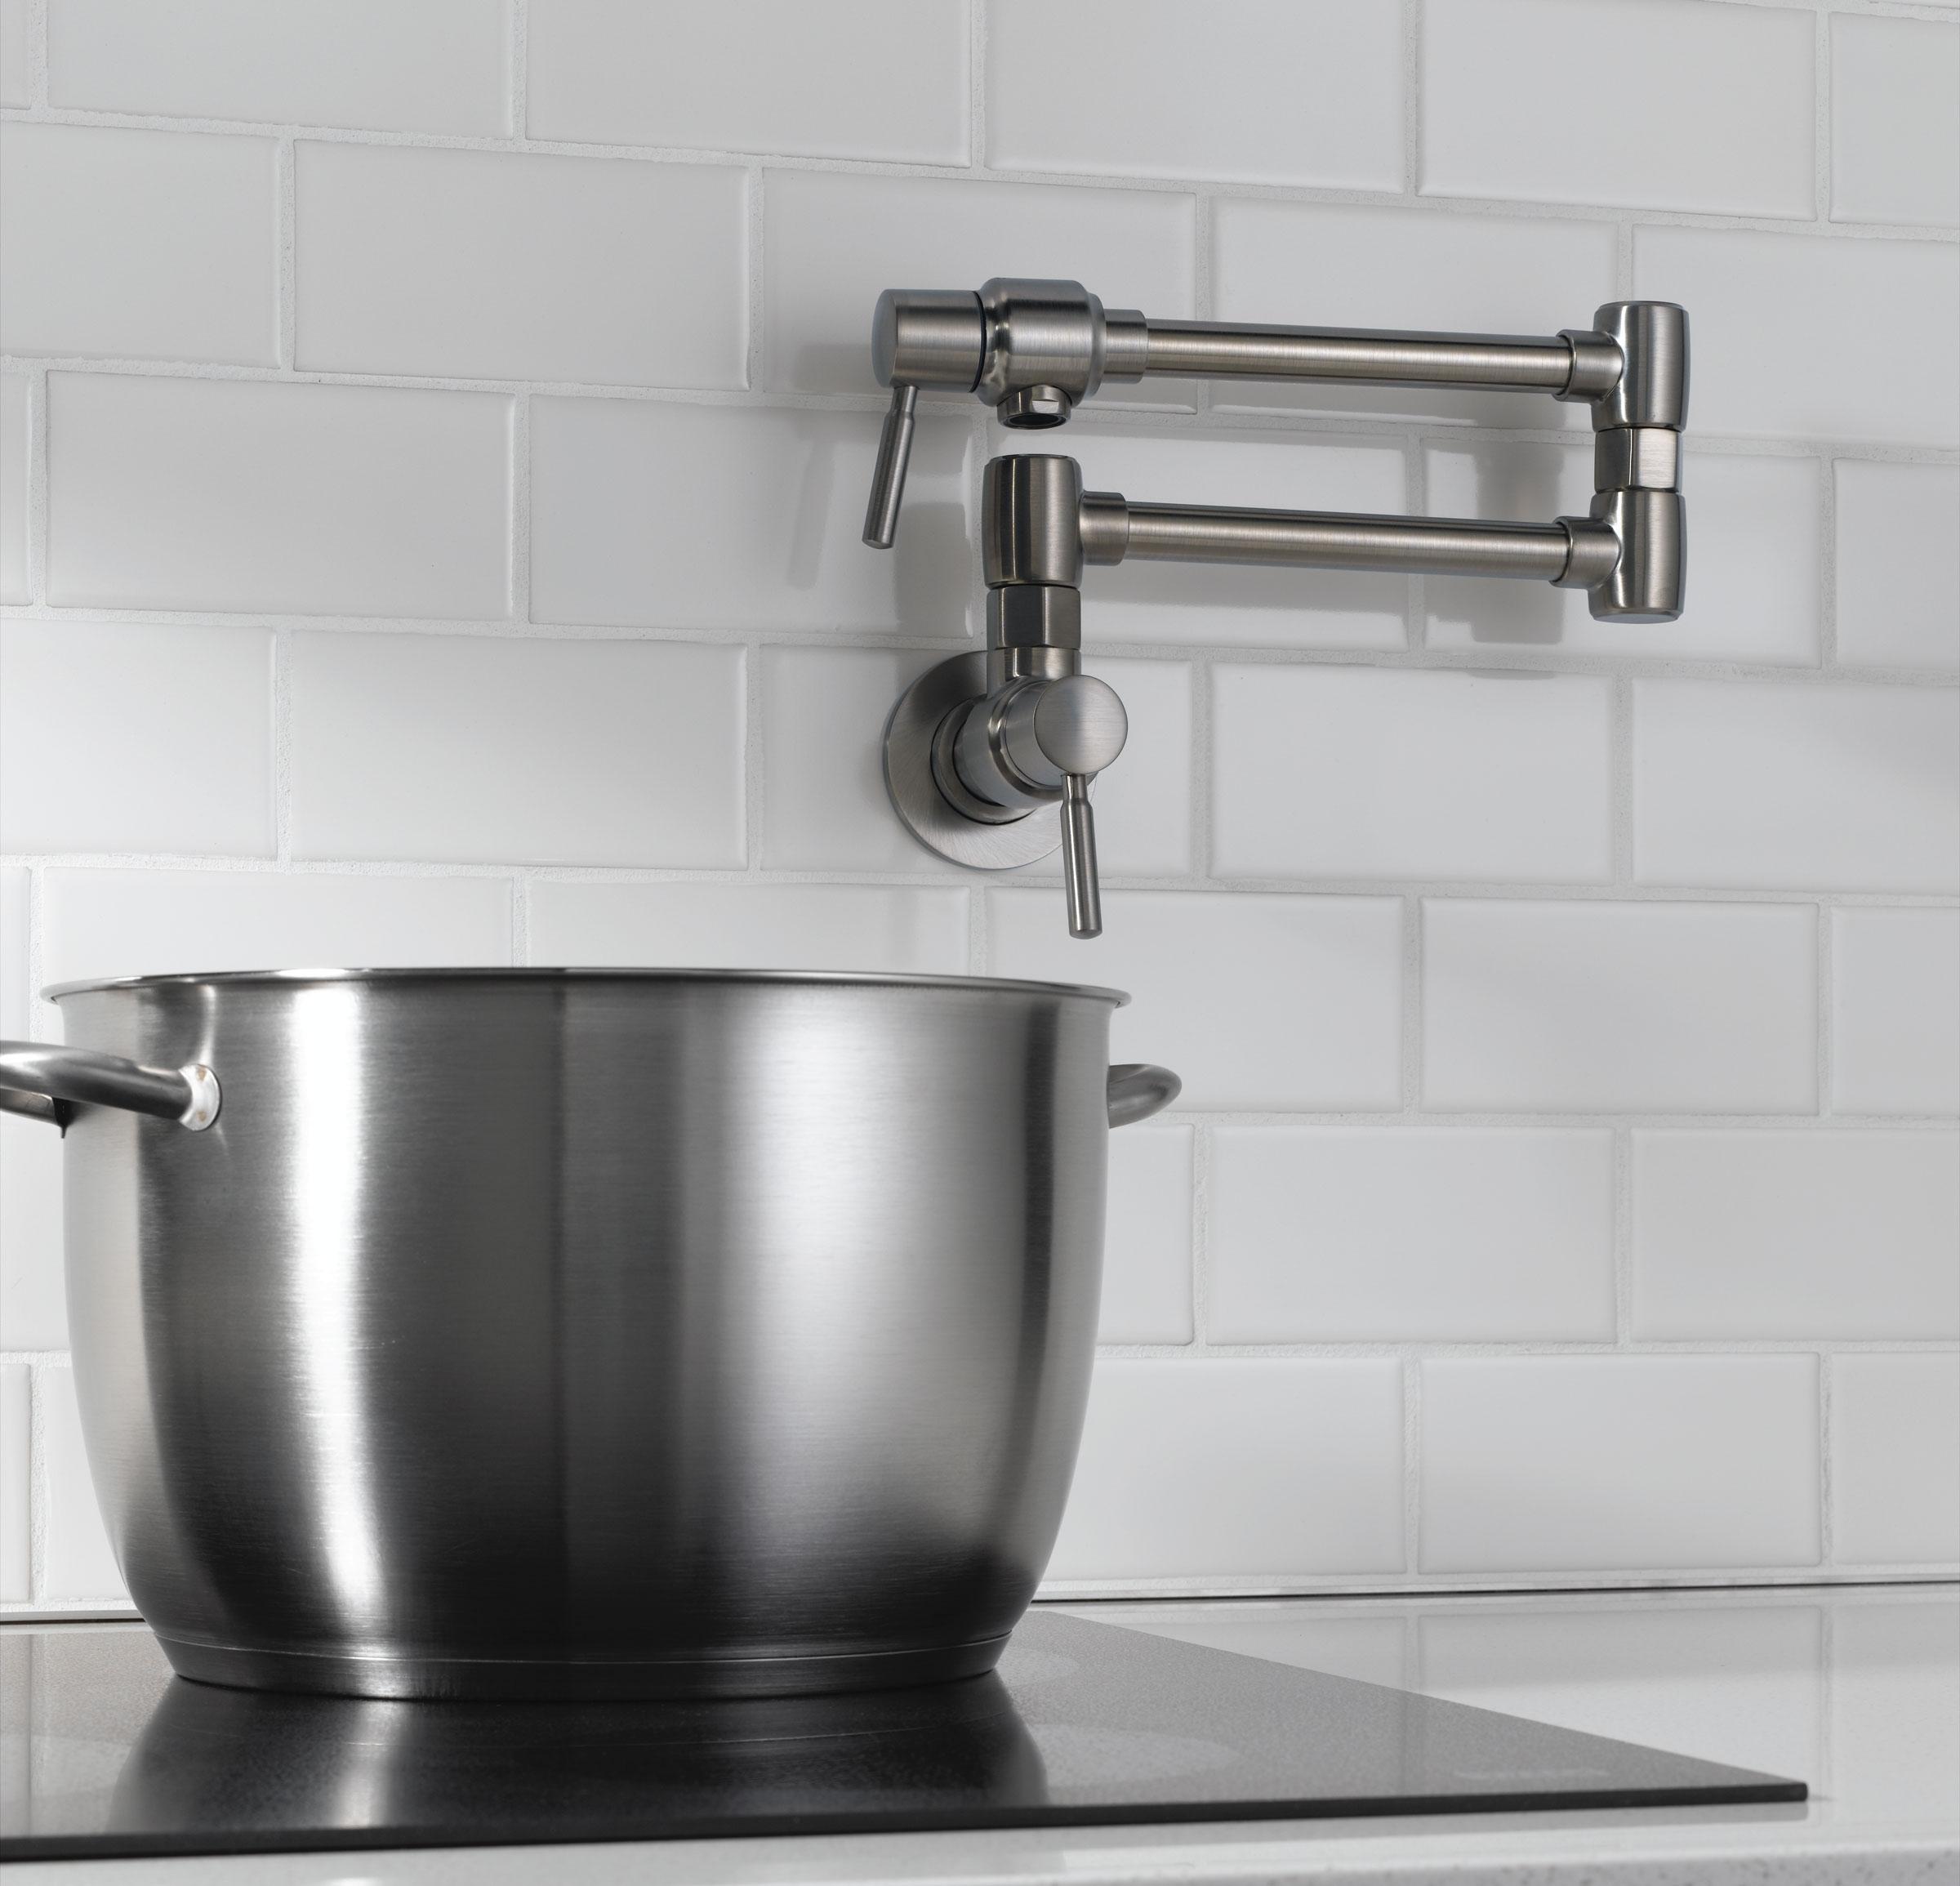 Ideas, kitchen pot filler faucet pot filler height pot faucet in sizing 2400 x 2309  .